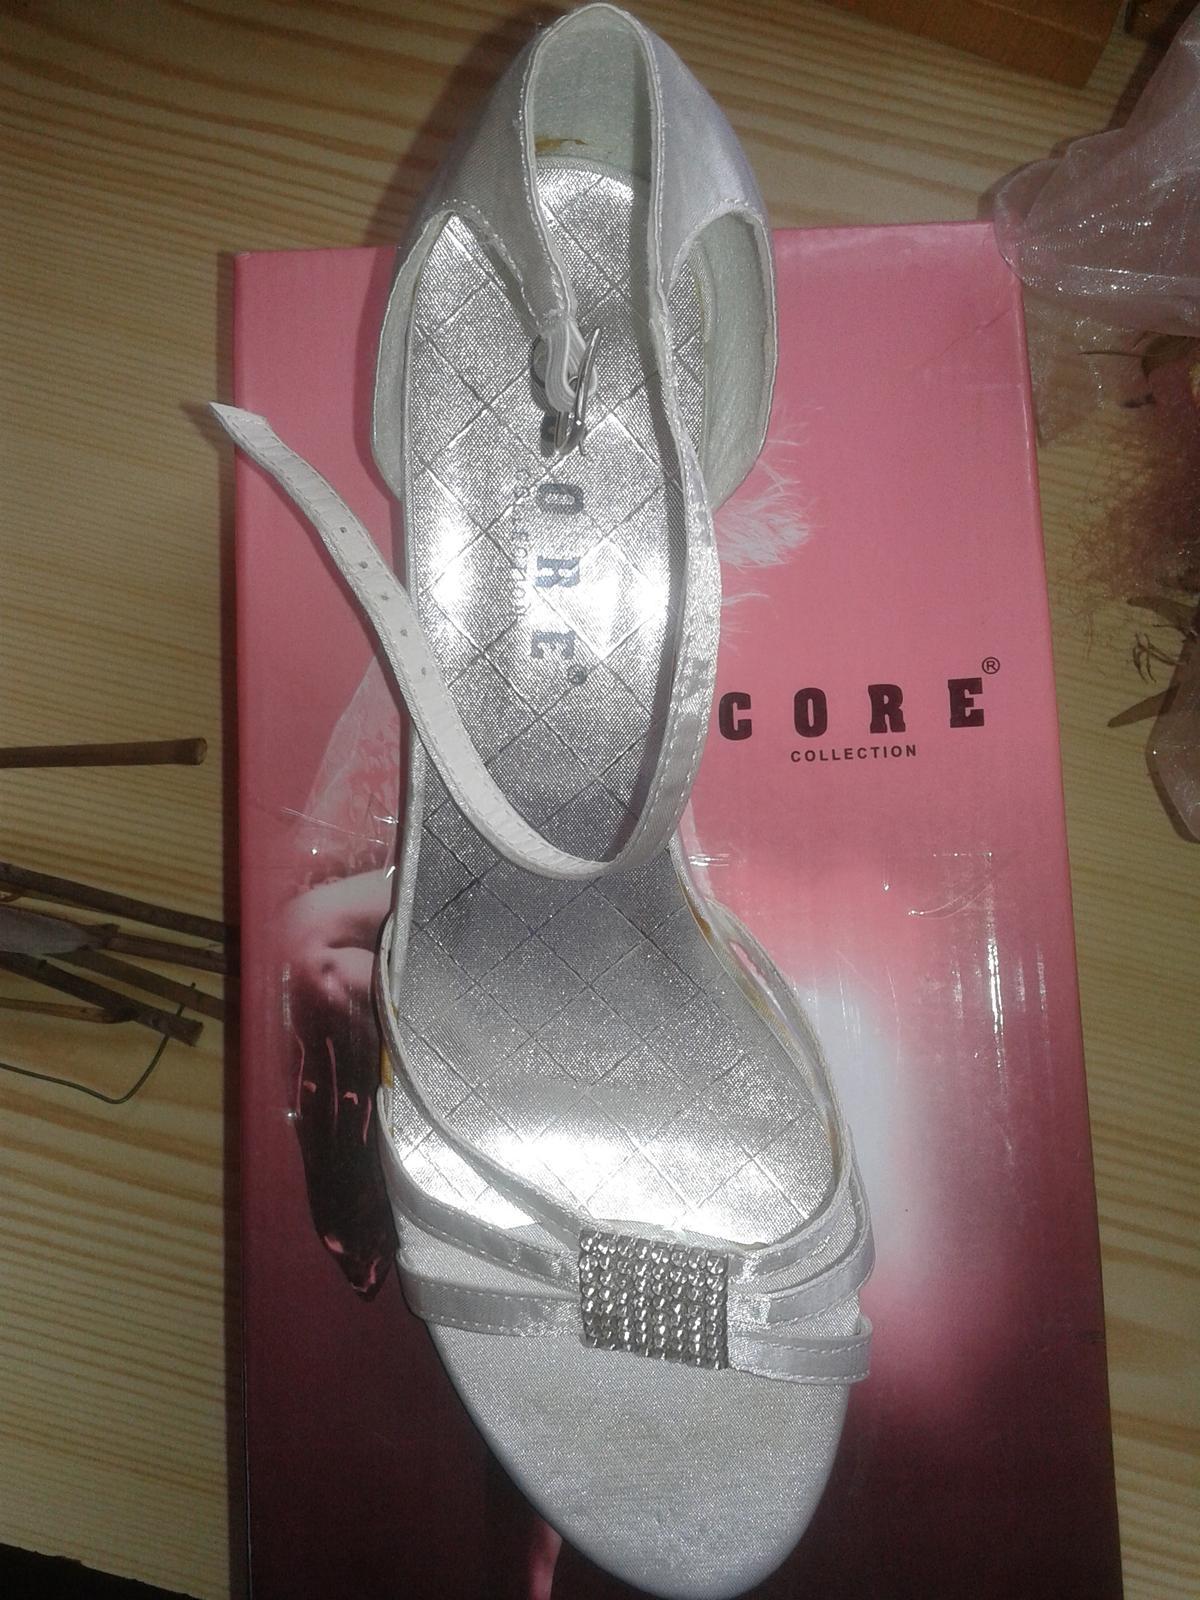 biele nizke sandalky 4.5 cm opatok, velkost 6 - Obrázok č. 2